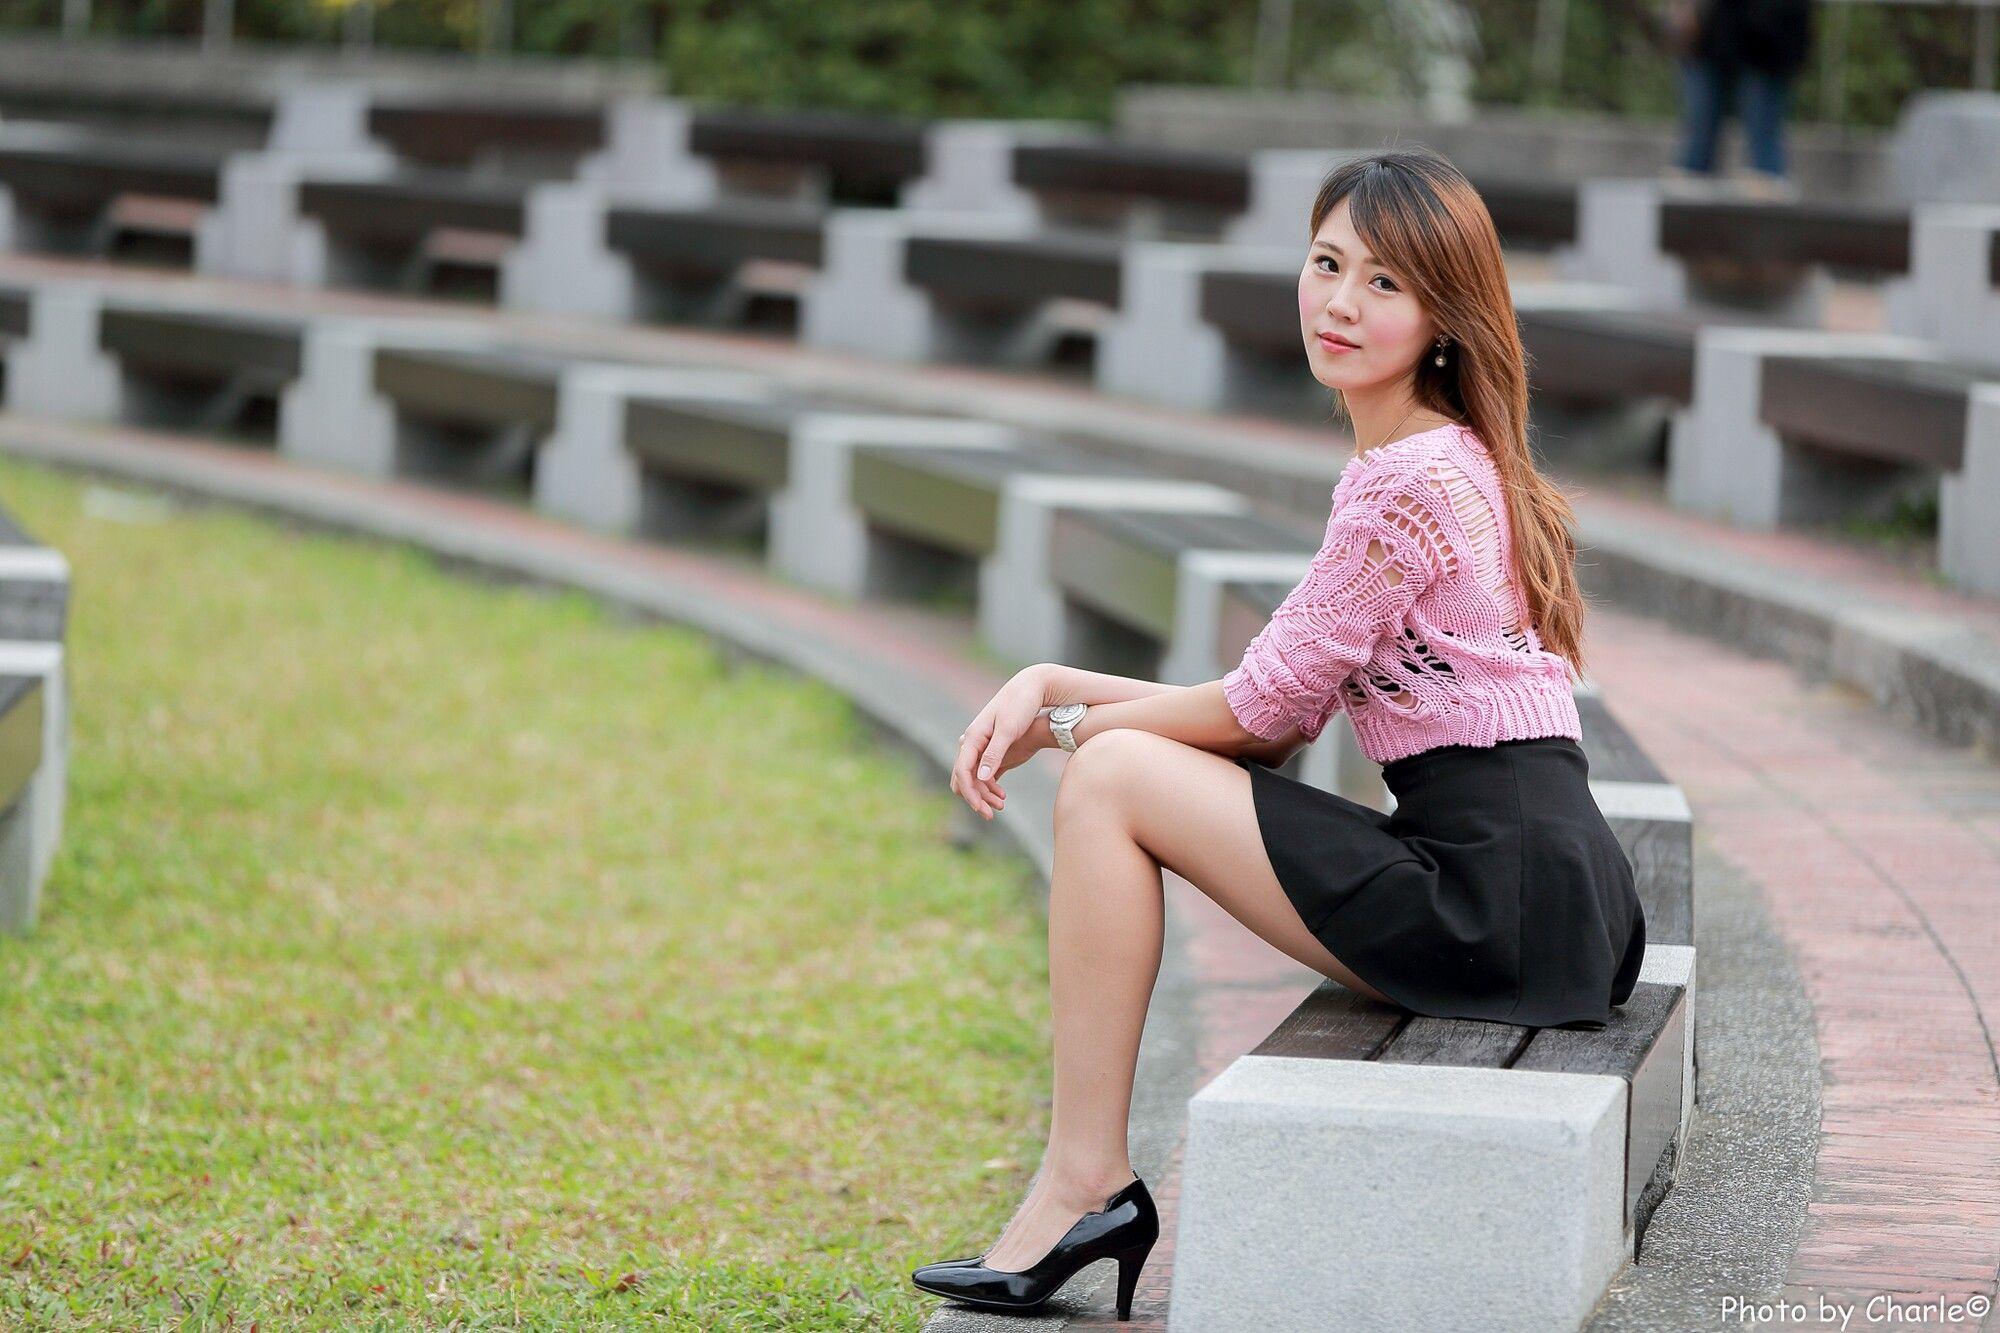 VOL.553 [台湾正妹]清纯街拍美腿街拍短裙迷你裙:陈艾琳(Irene艾琳)超高清个人性感漂亮大图(82P)